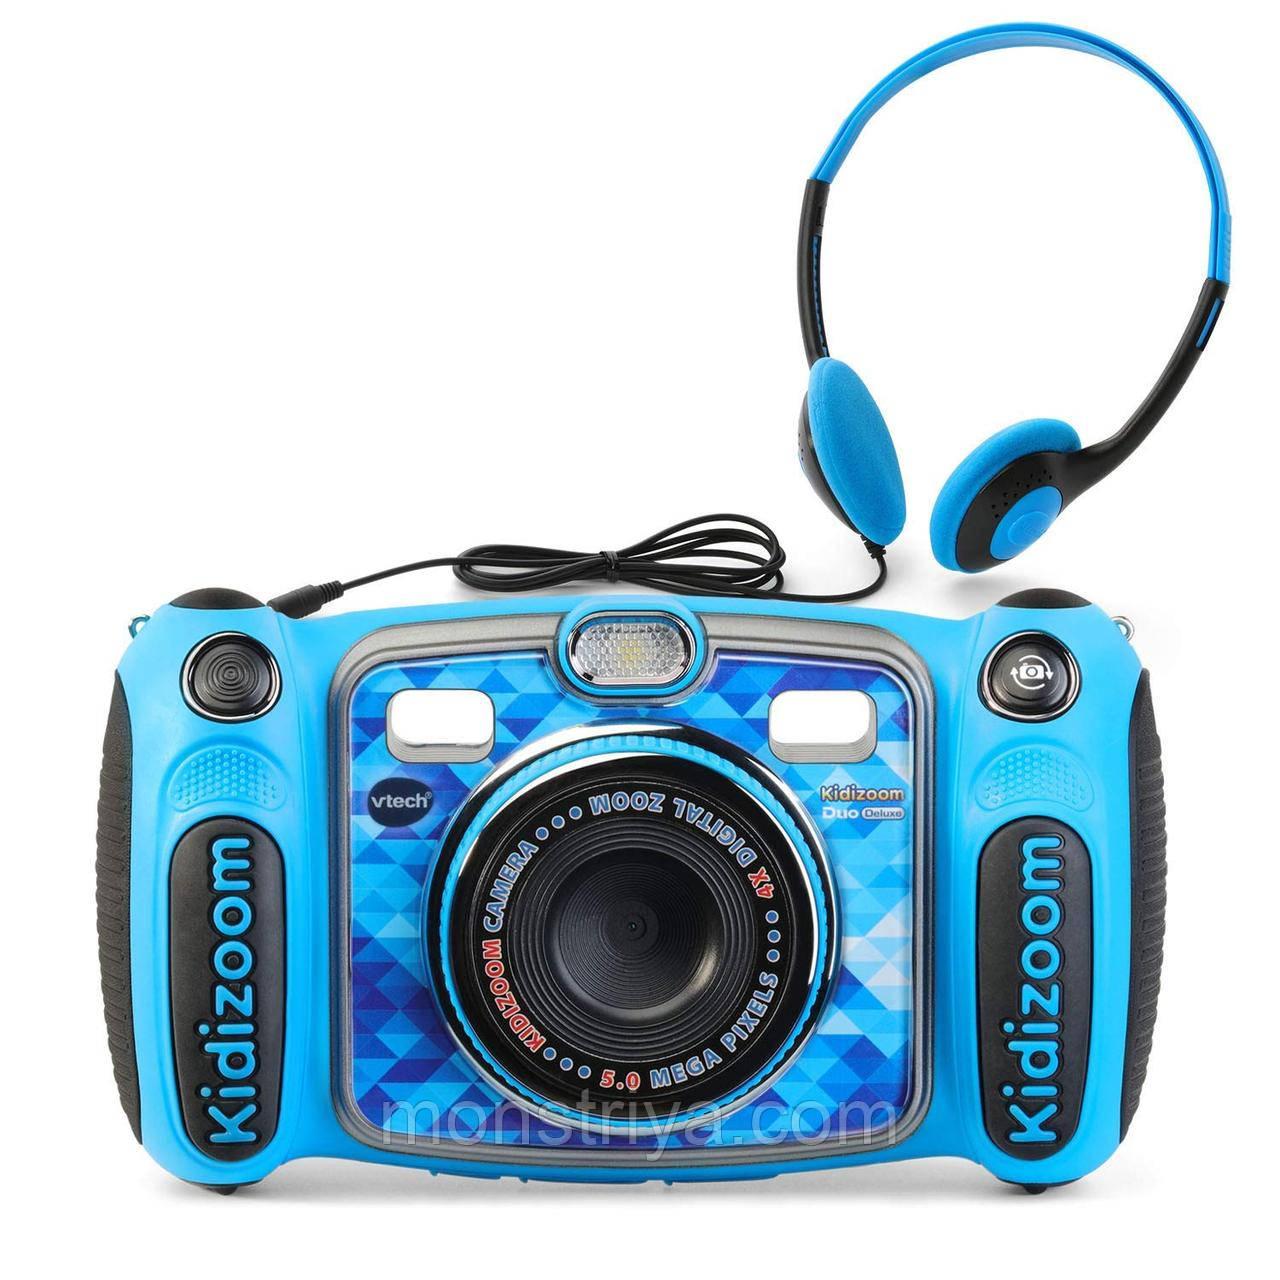 Детский фотоаппарат VTech Kidizoom DUO 5.0 Deluxe новинка 2018